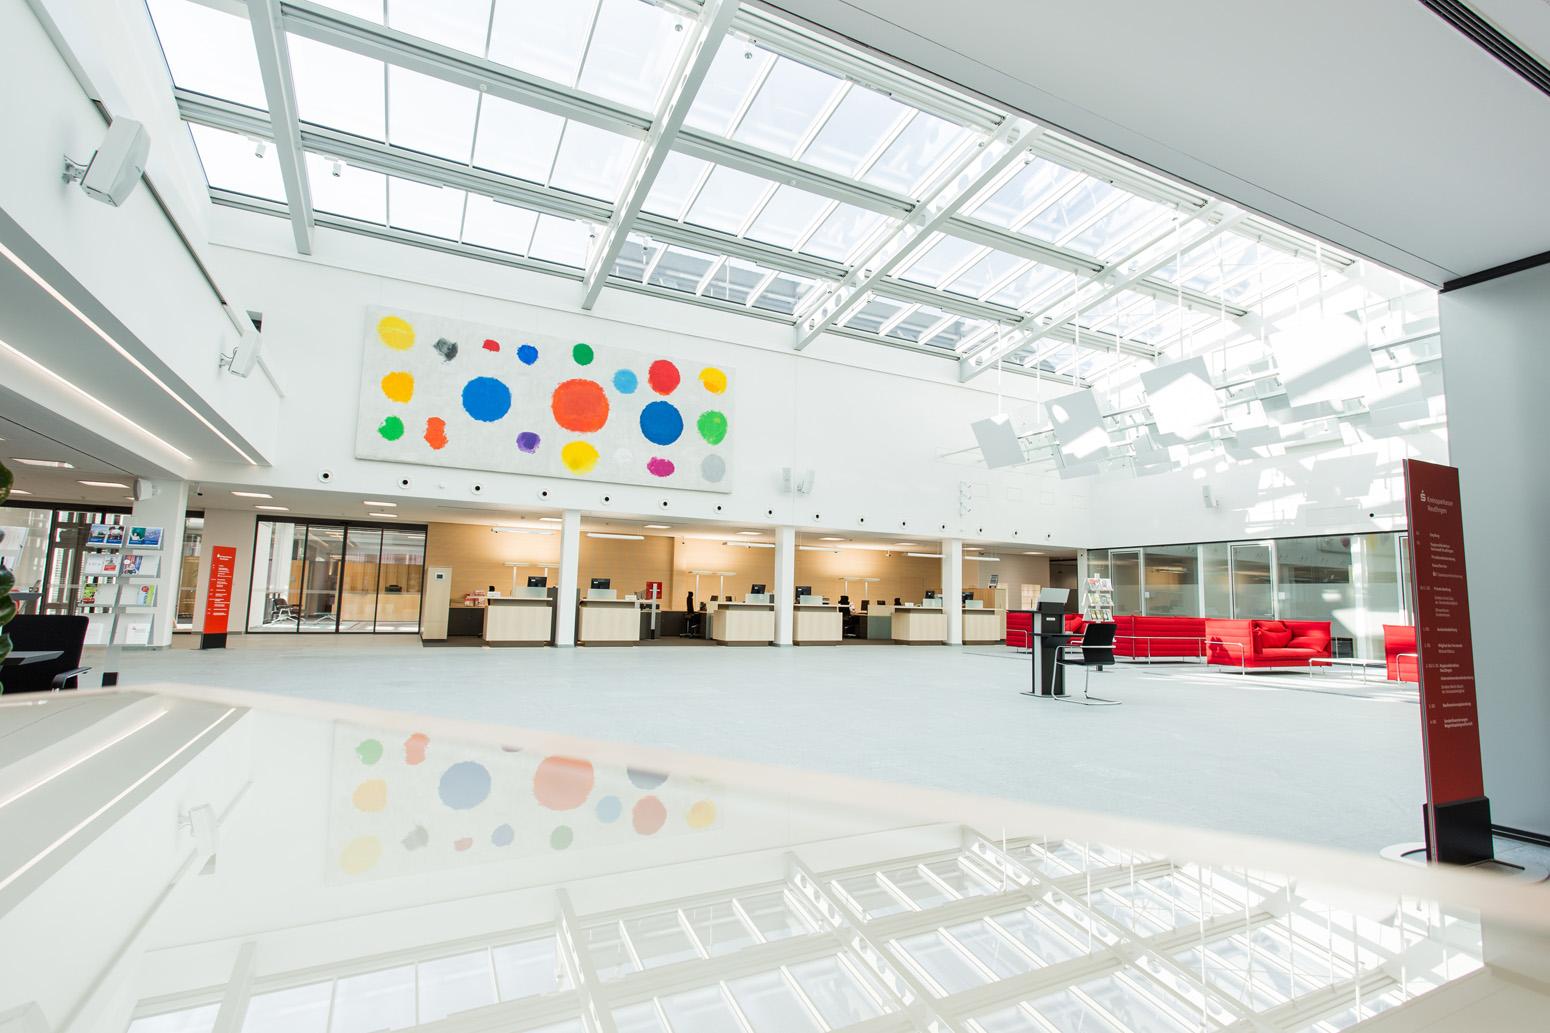 Eindrucksvoll offener Einblick in die Kundenhalle einer Hauptstelle.